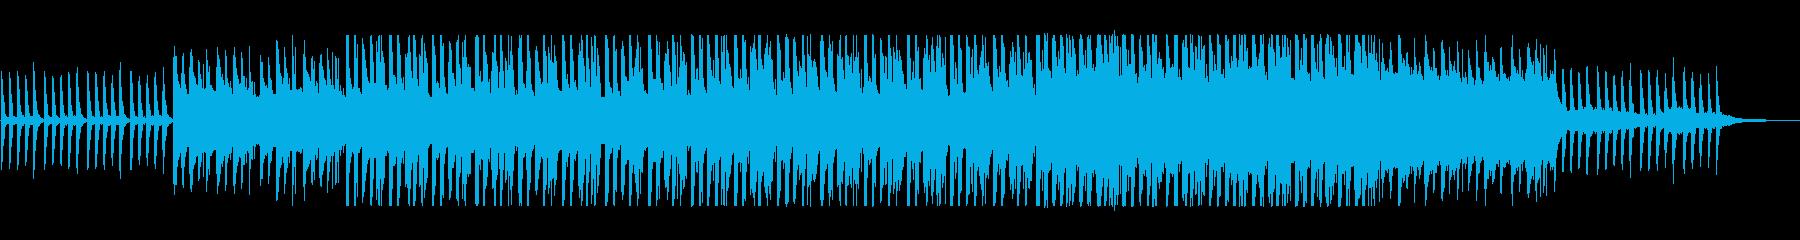 ゆっくりした新鮮さのあるヒーリングの曲の再生済みの波形